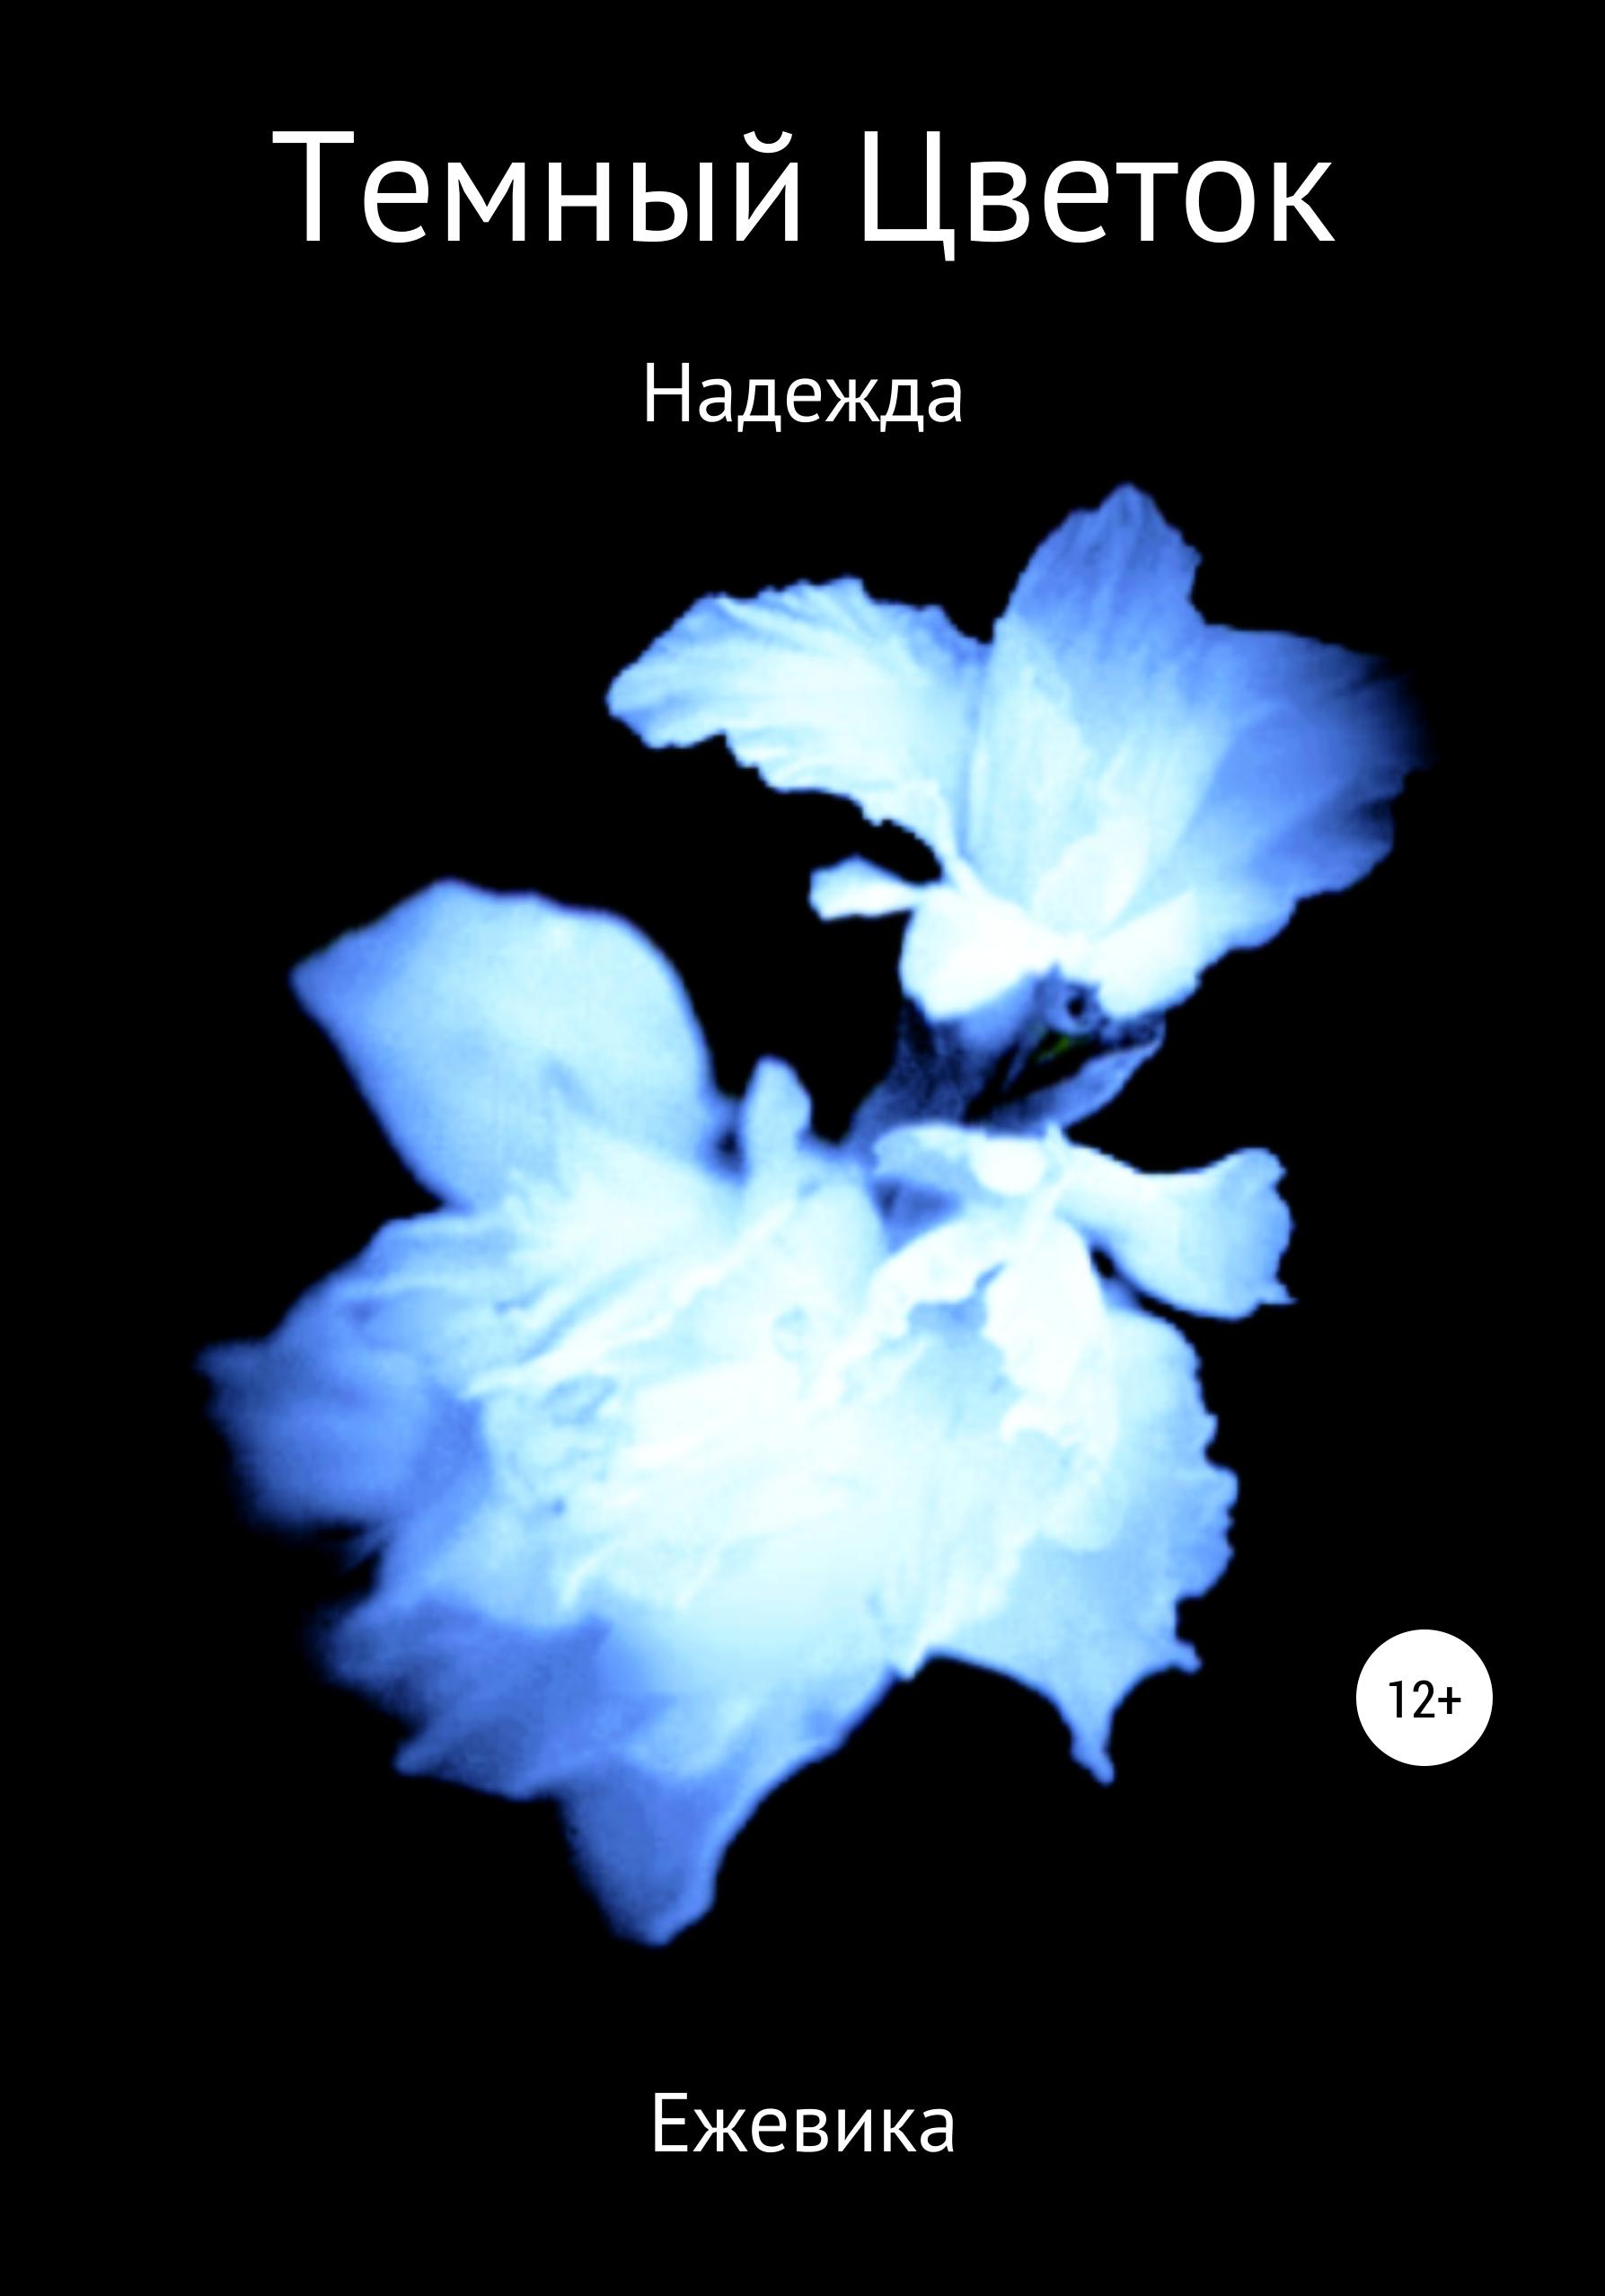 Ежевика - Темный Цветок. Надежда